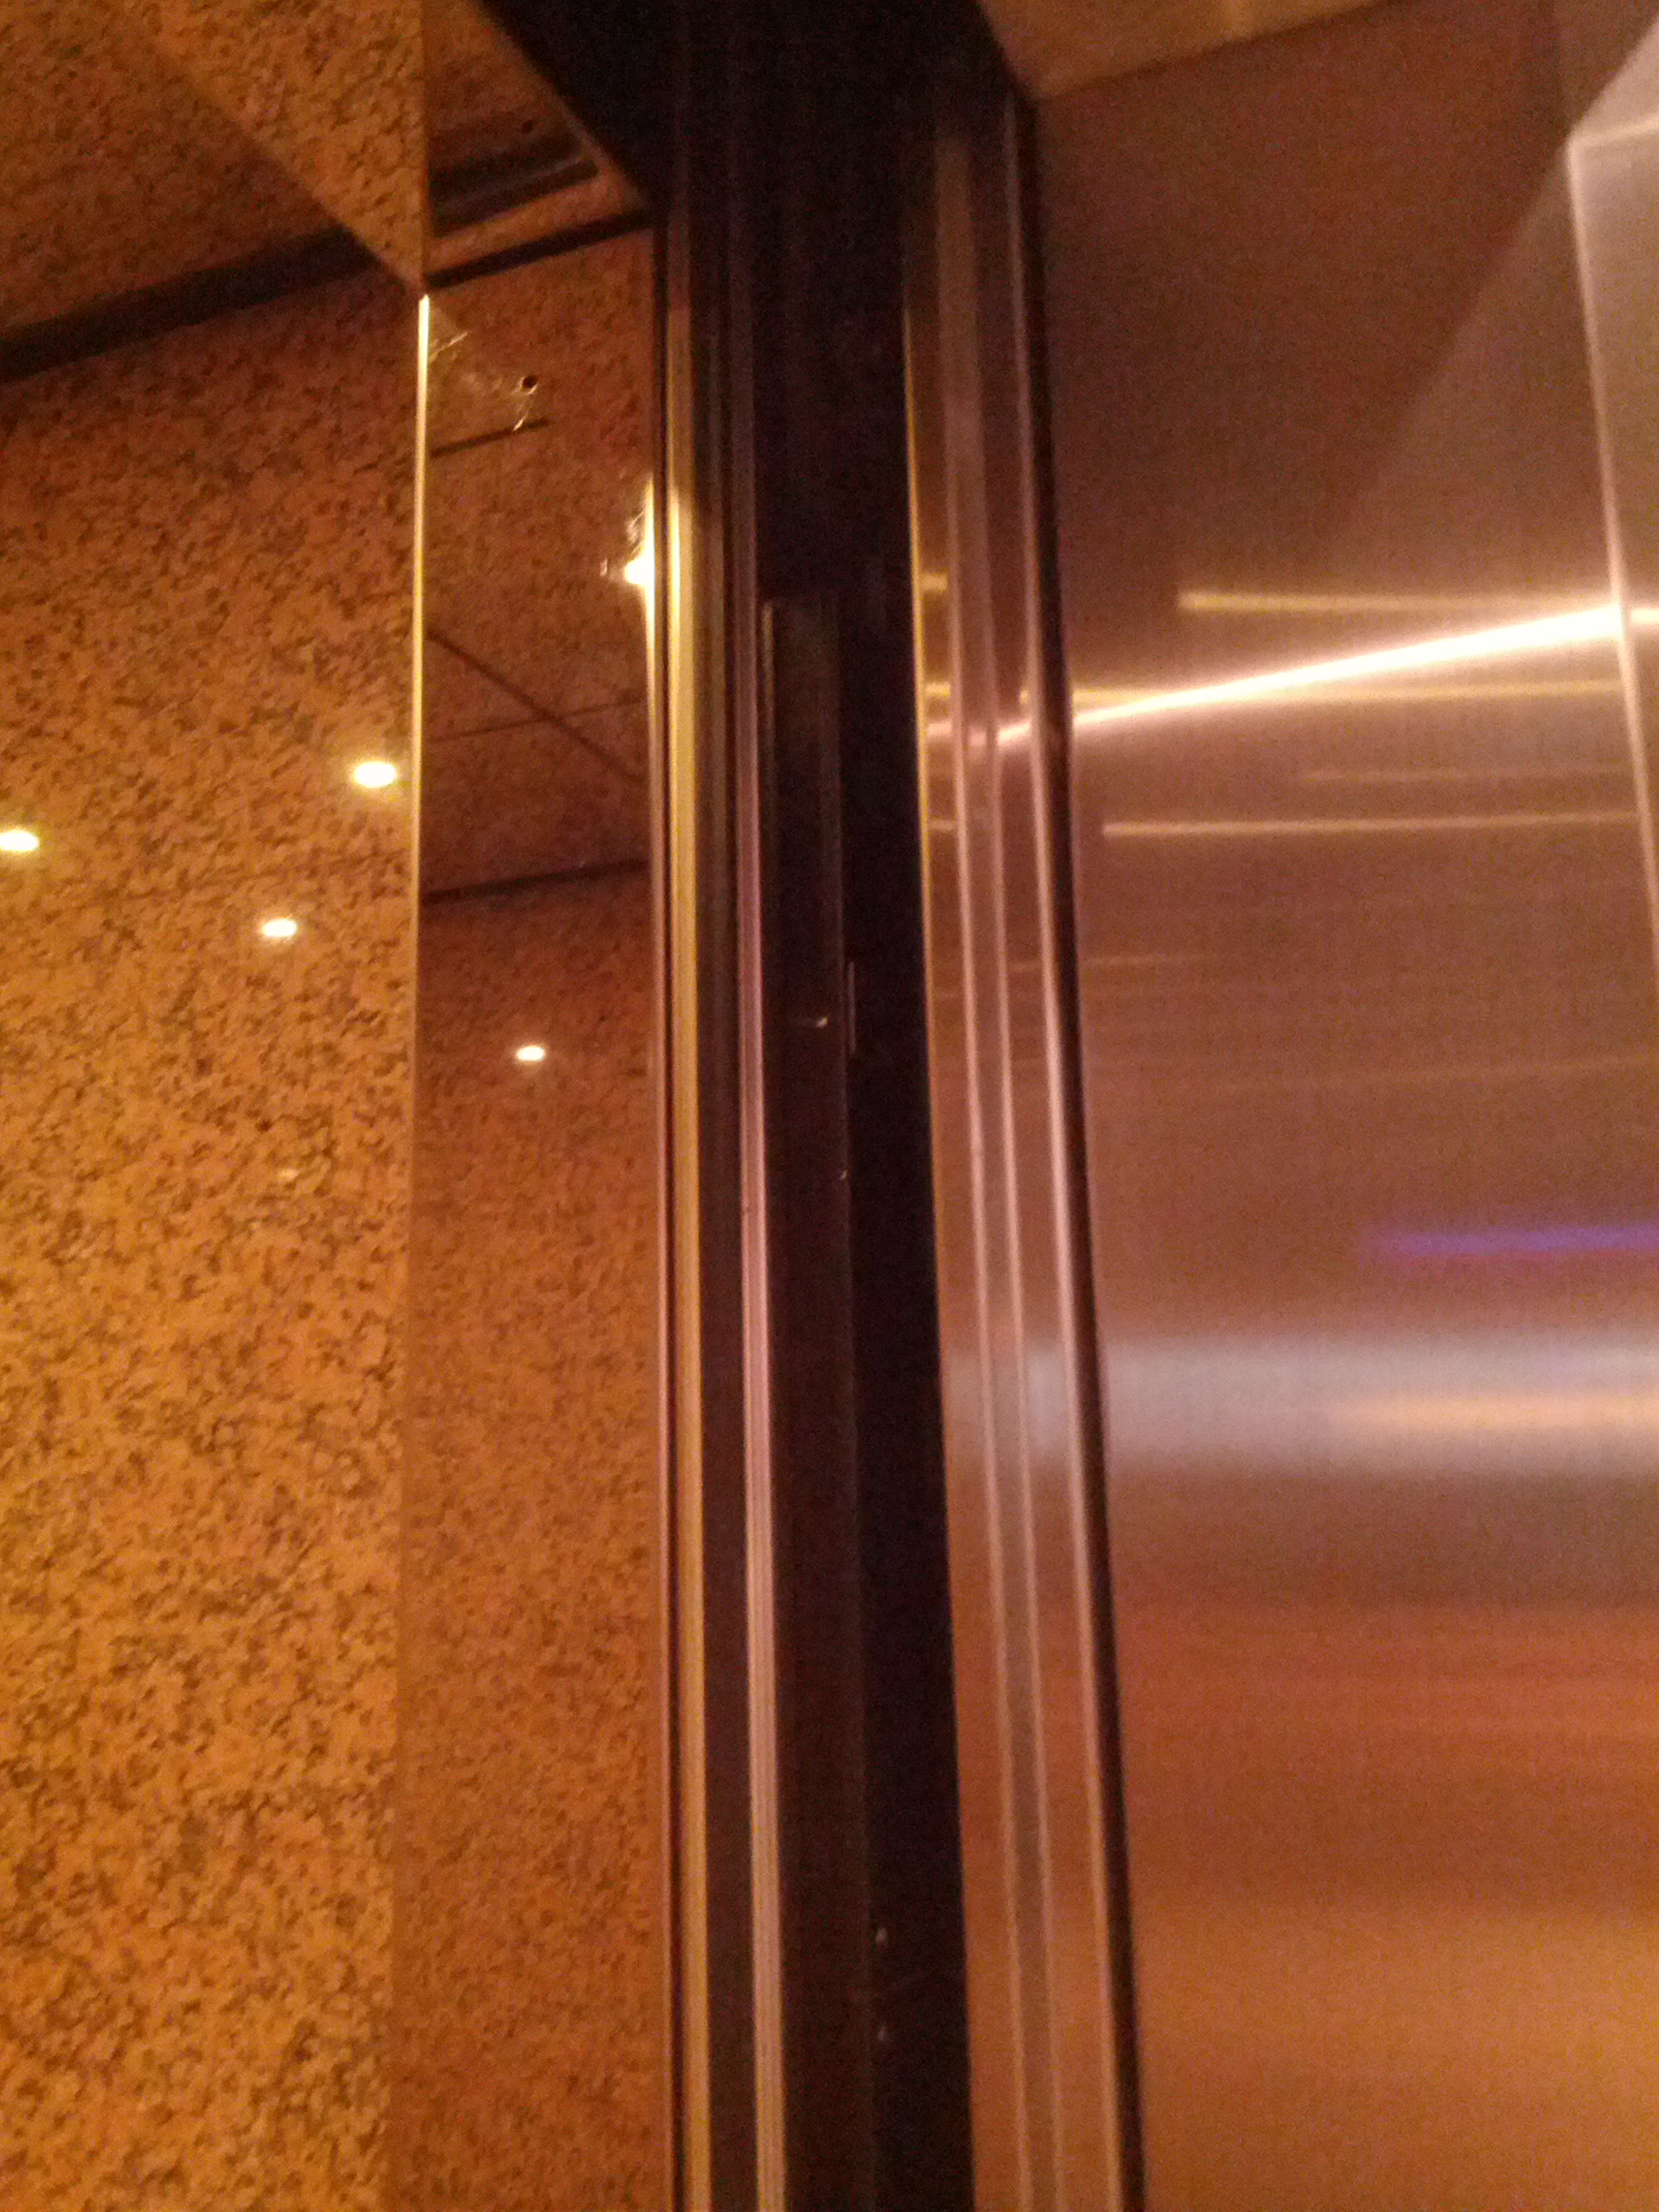 Schindler elevator door Microscan sensor.jpg & Image - Schindler elevator door Microscan sensor.jpg   Elevator ...